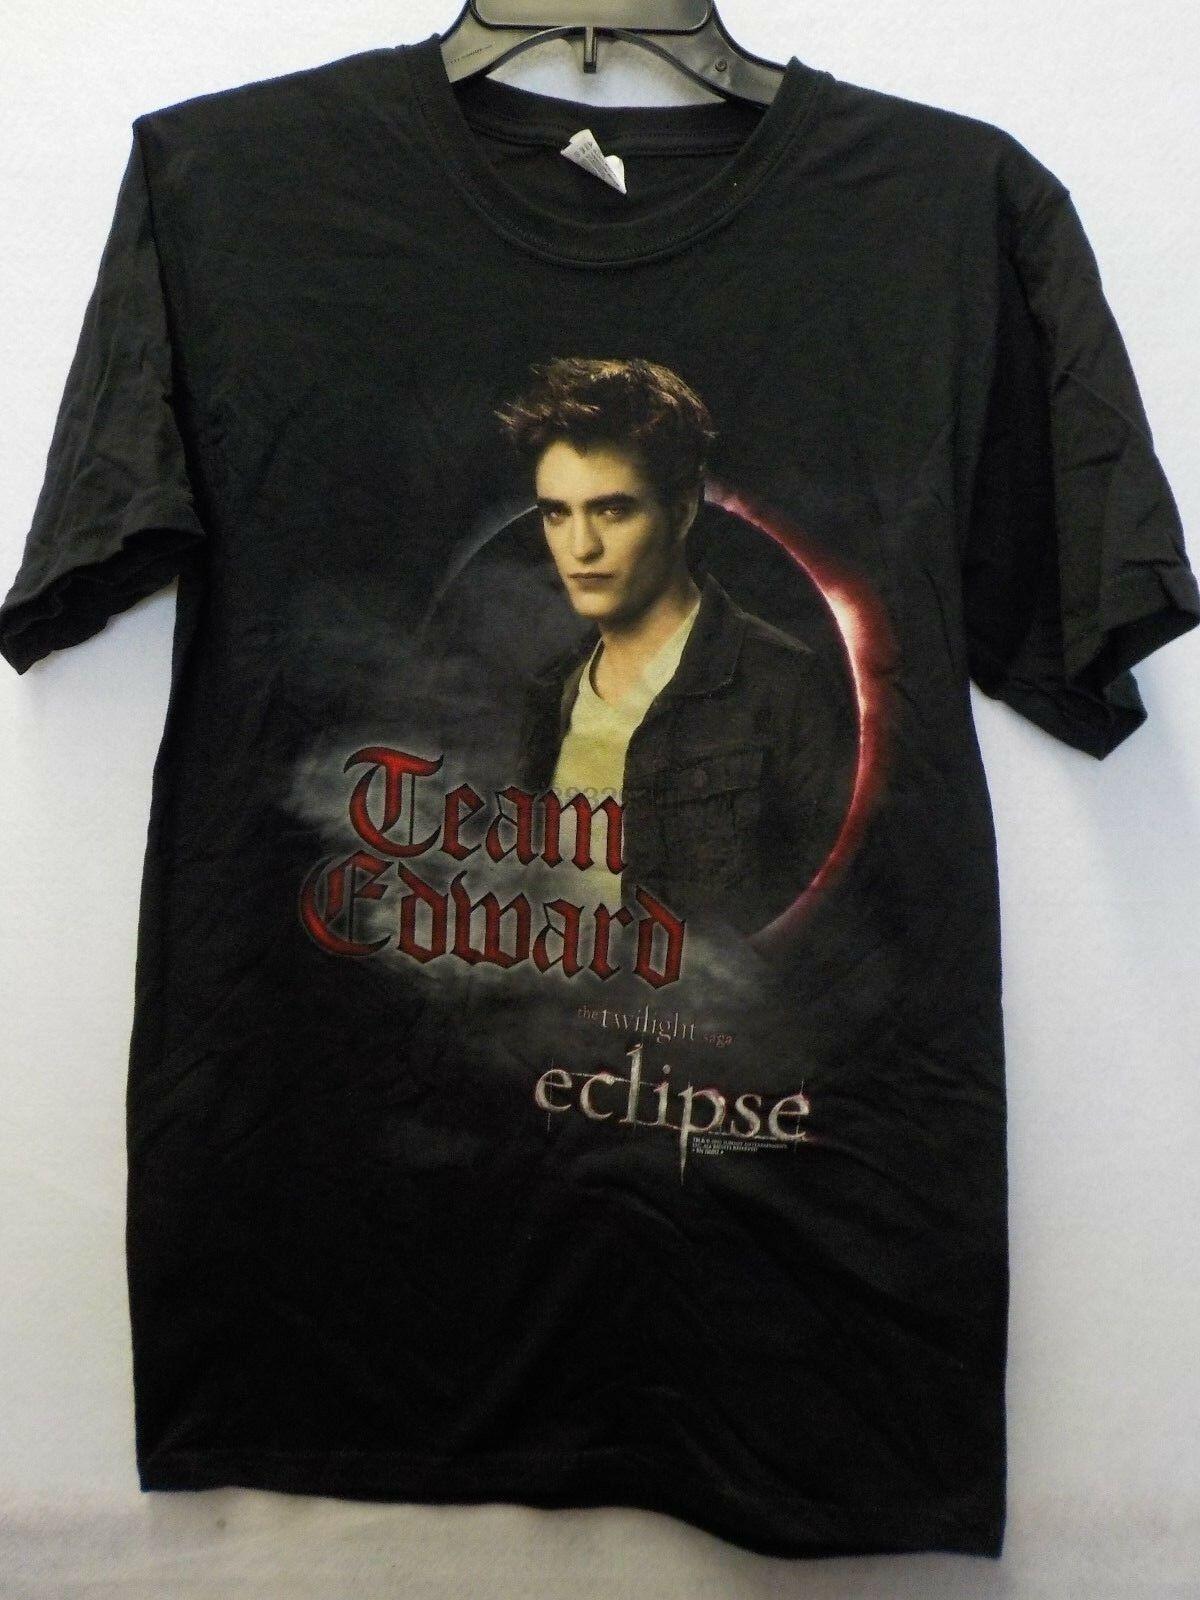 Tshirt gráfico preto de edward da equipe do eclipse da saga do crepúsculo dos homens novo #13435v